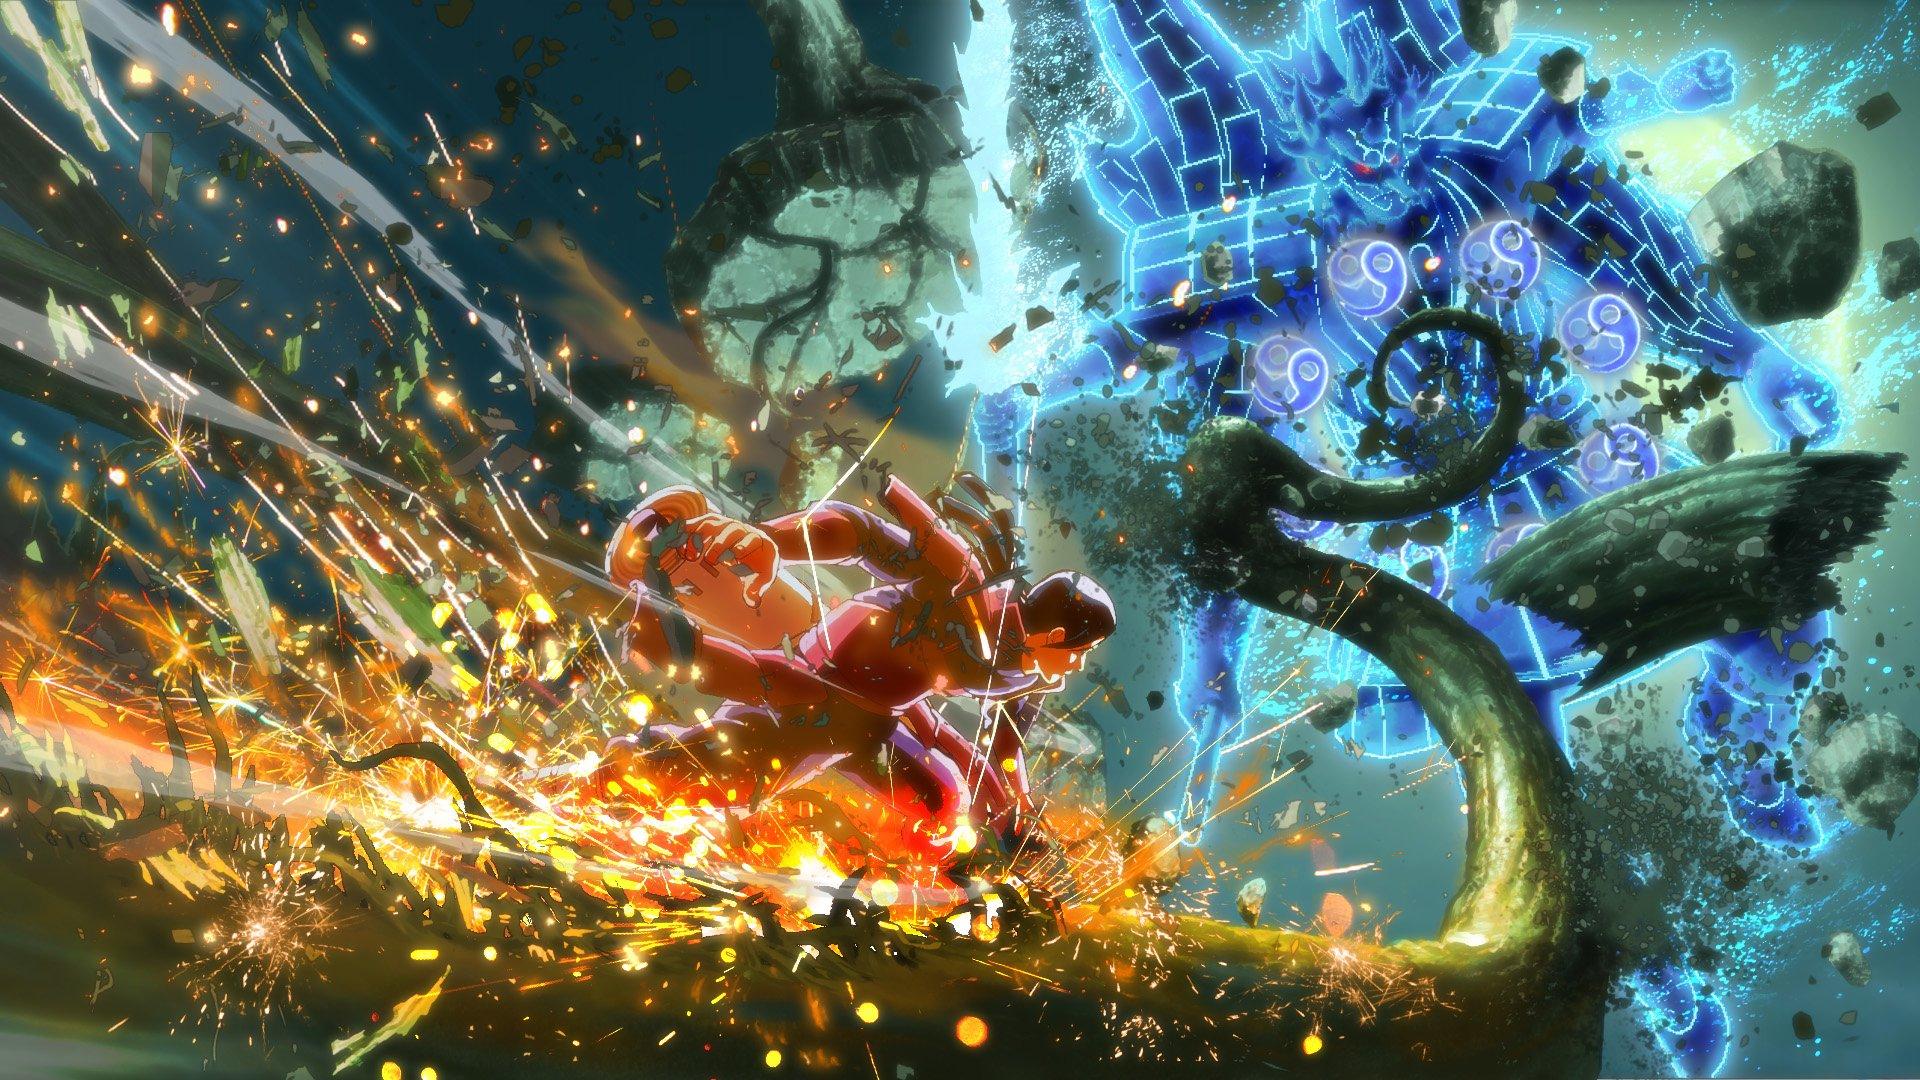 Naruto Shippuden HD Desktop